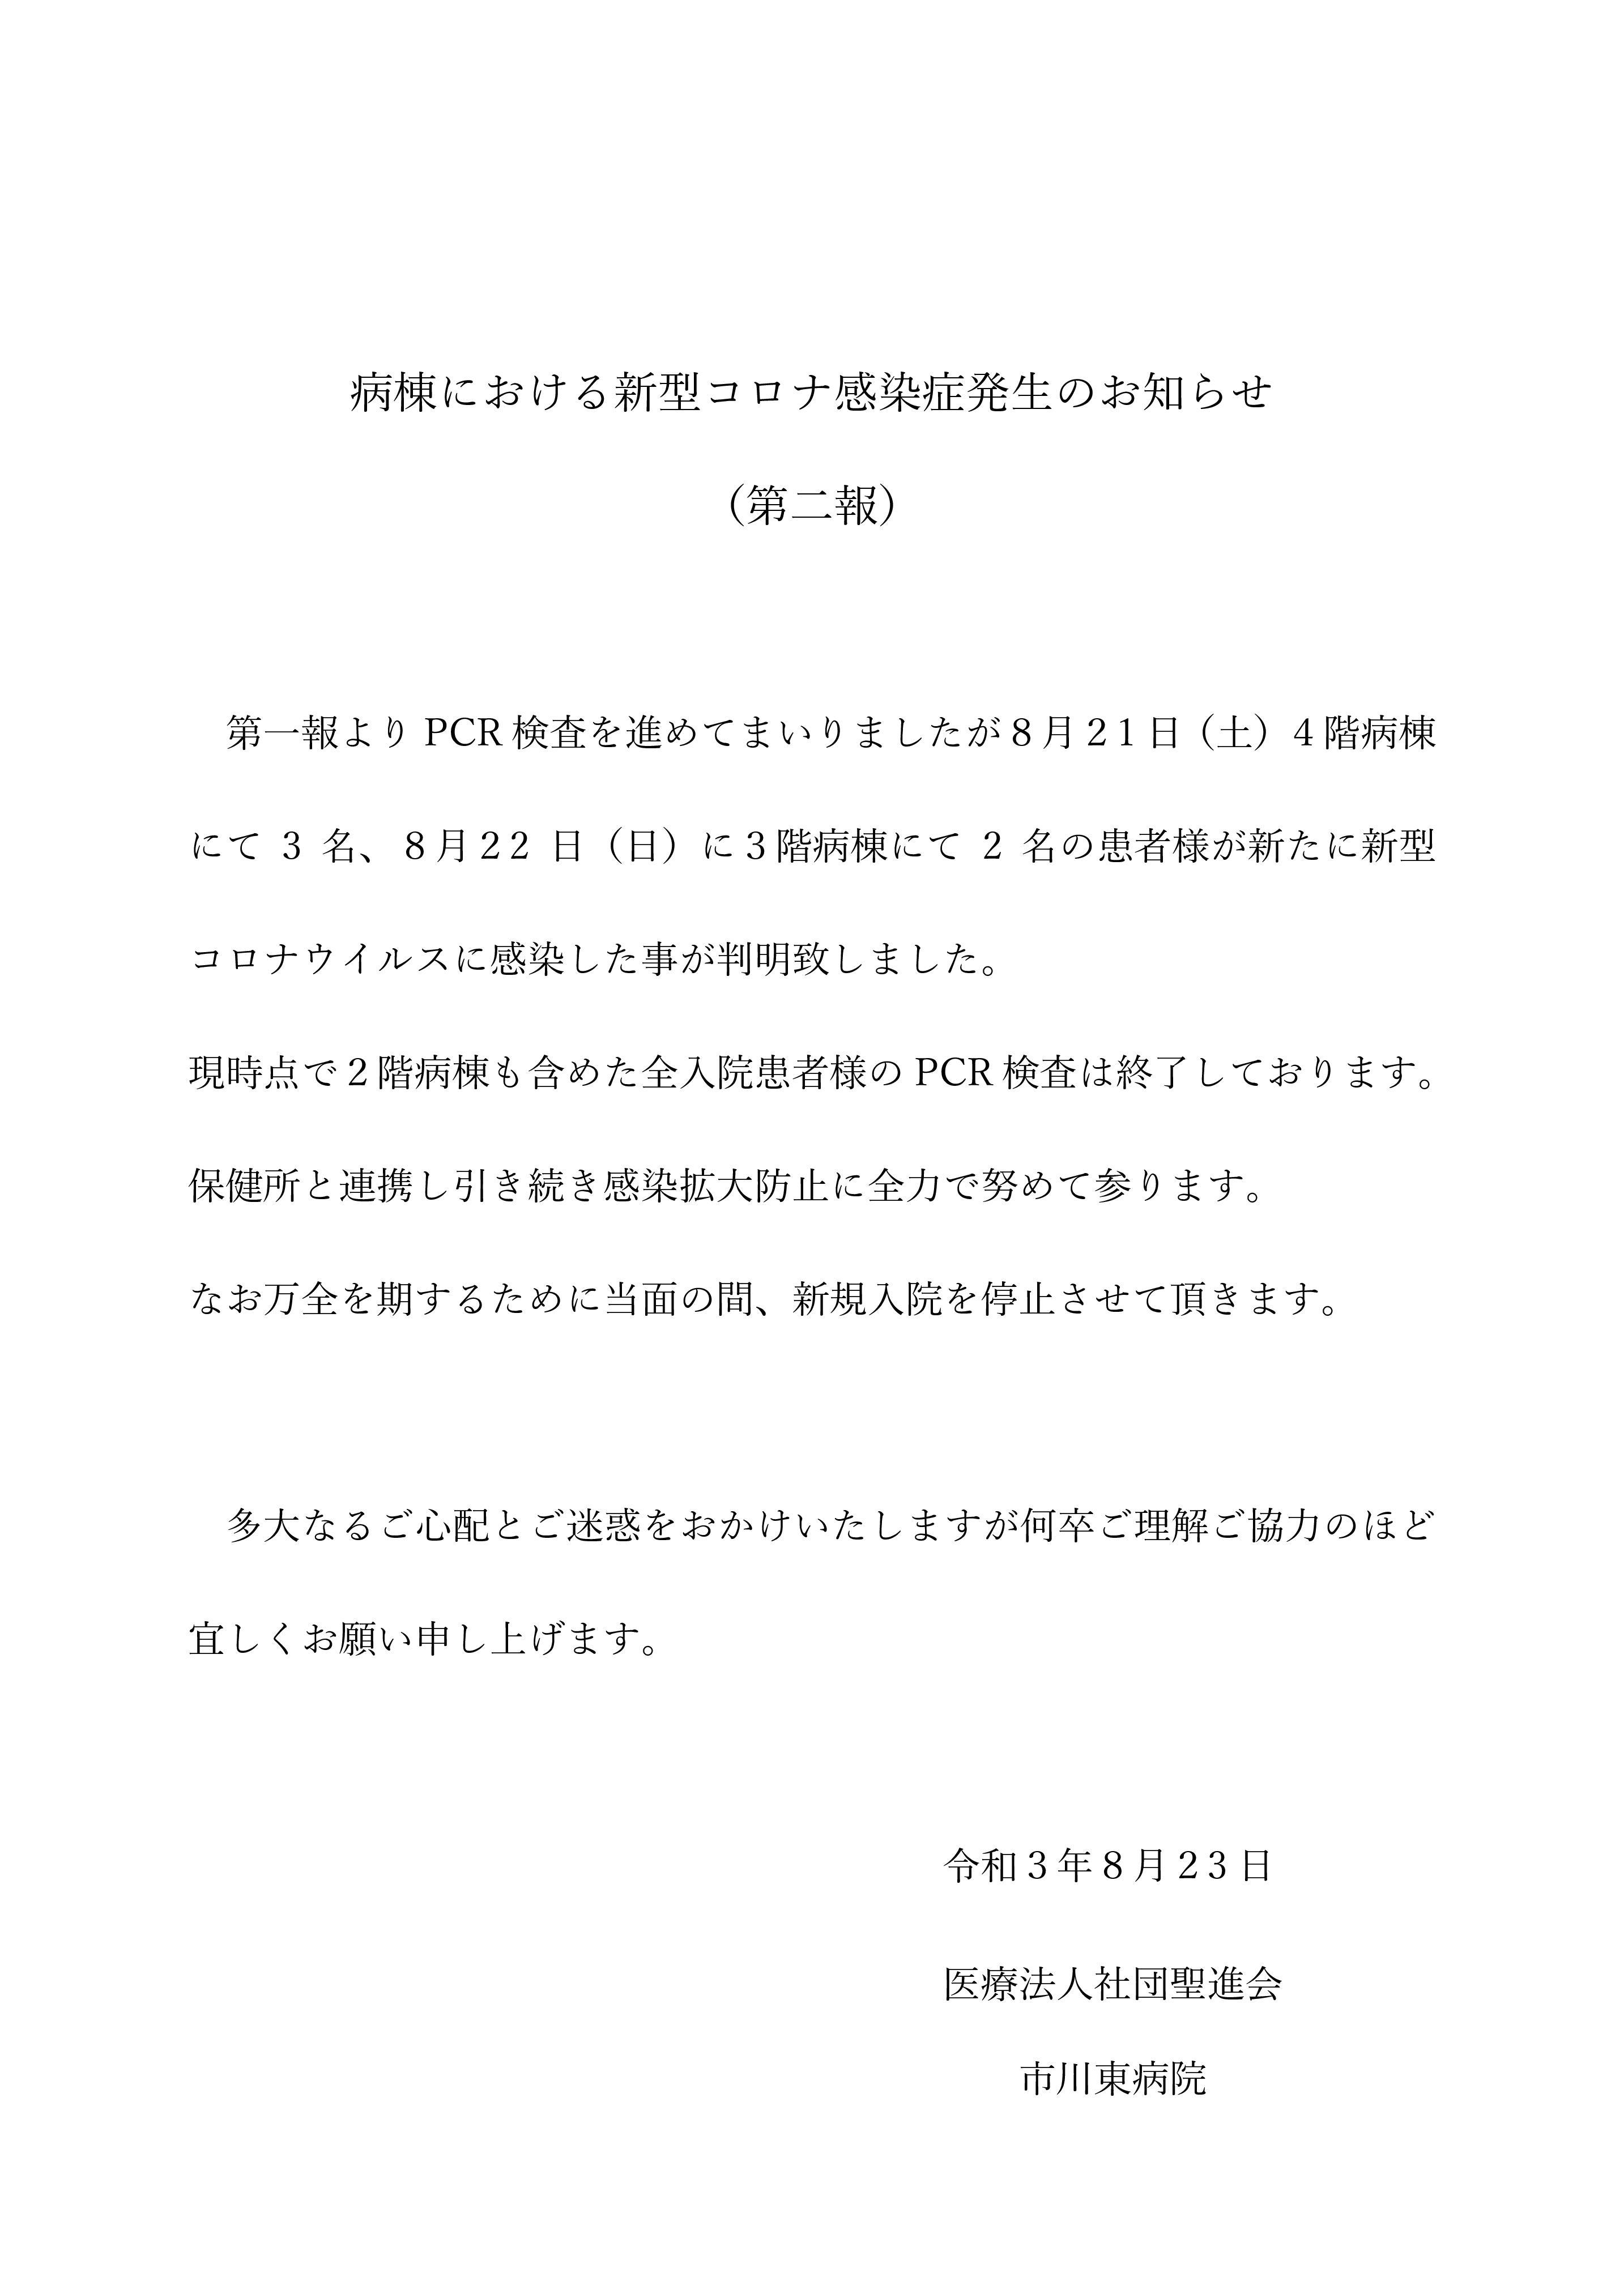 令和3年8月23日(月)一般病棟に入院中の患者様、新たに2名が新型コロナウイルスに感染した事が判明致しました。